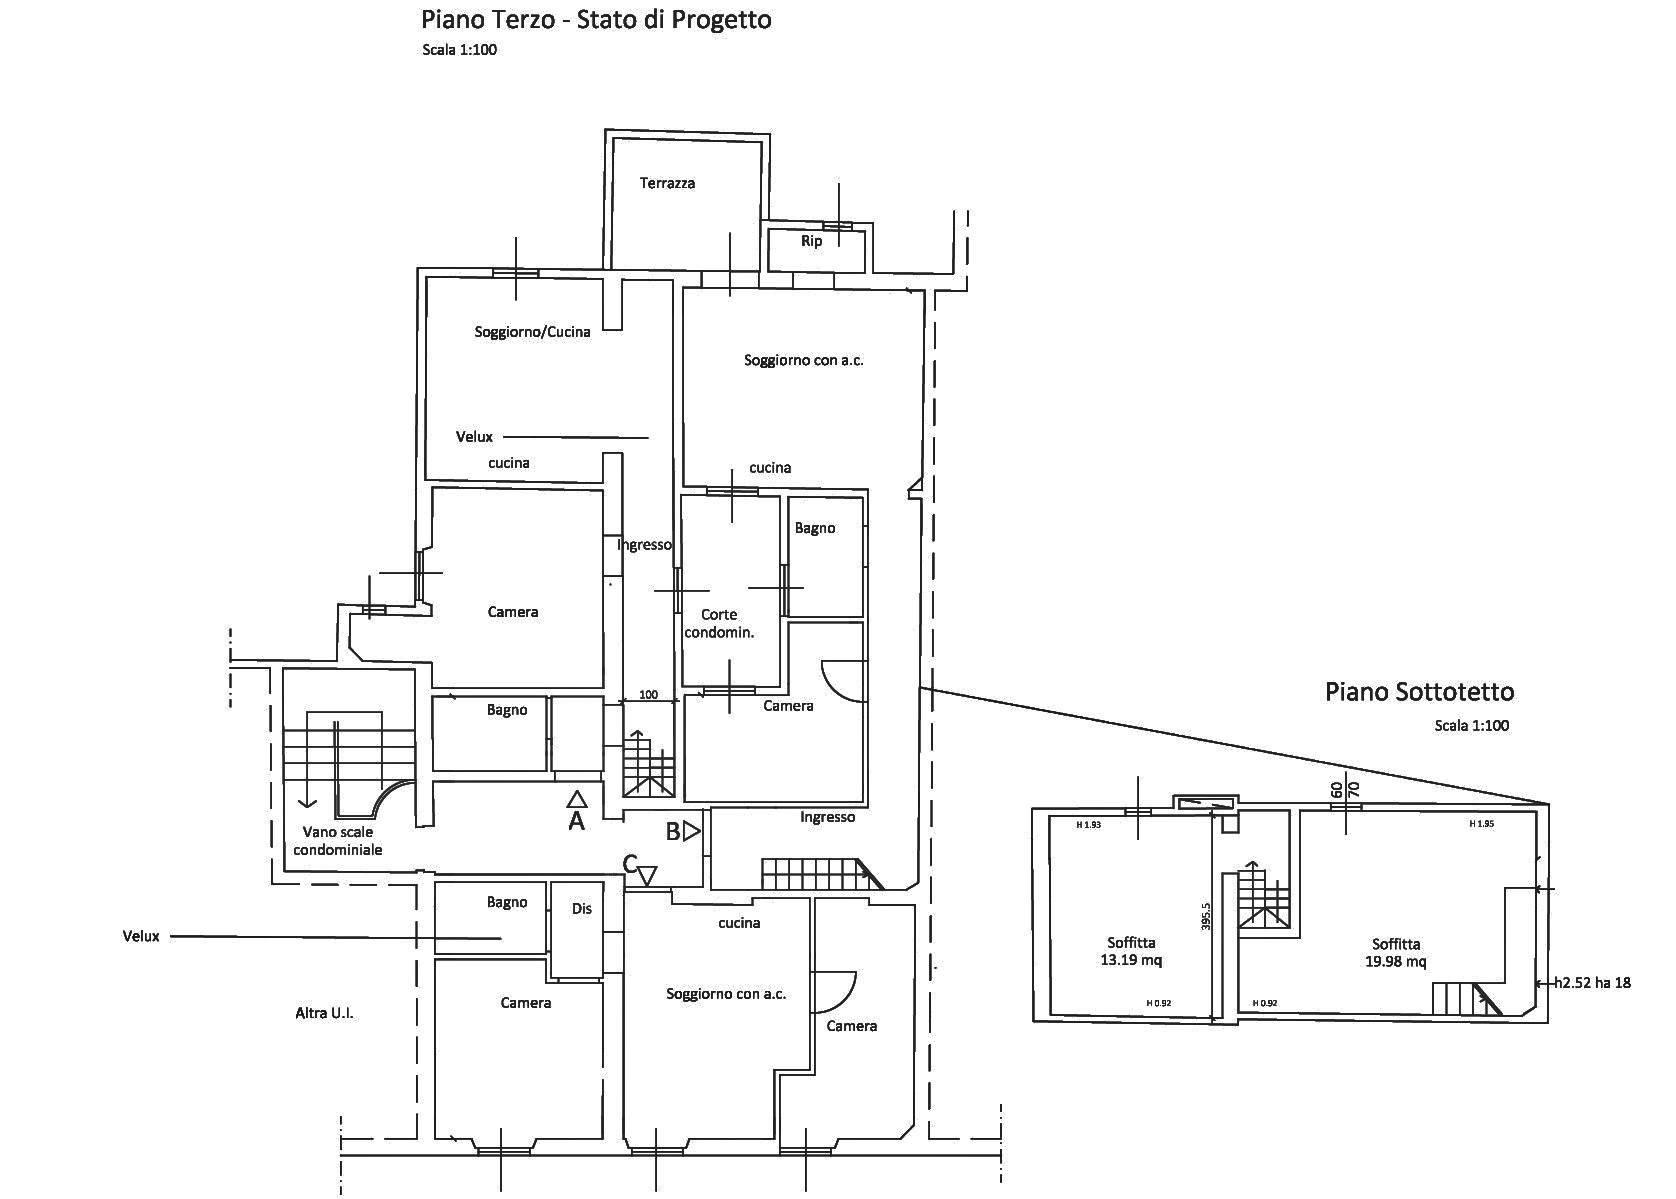 Planimetria progetto generale